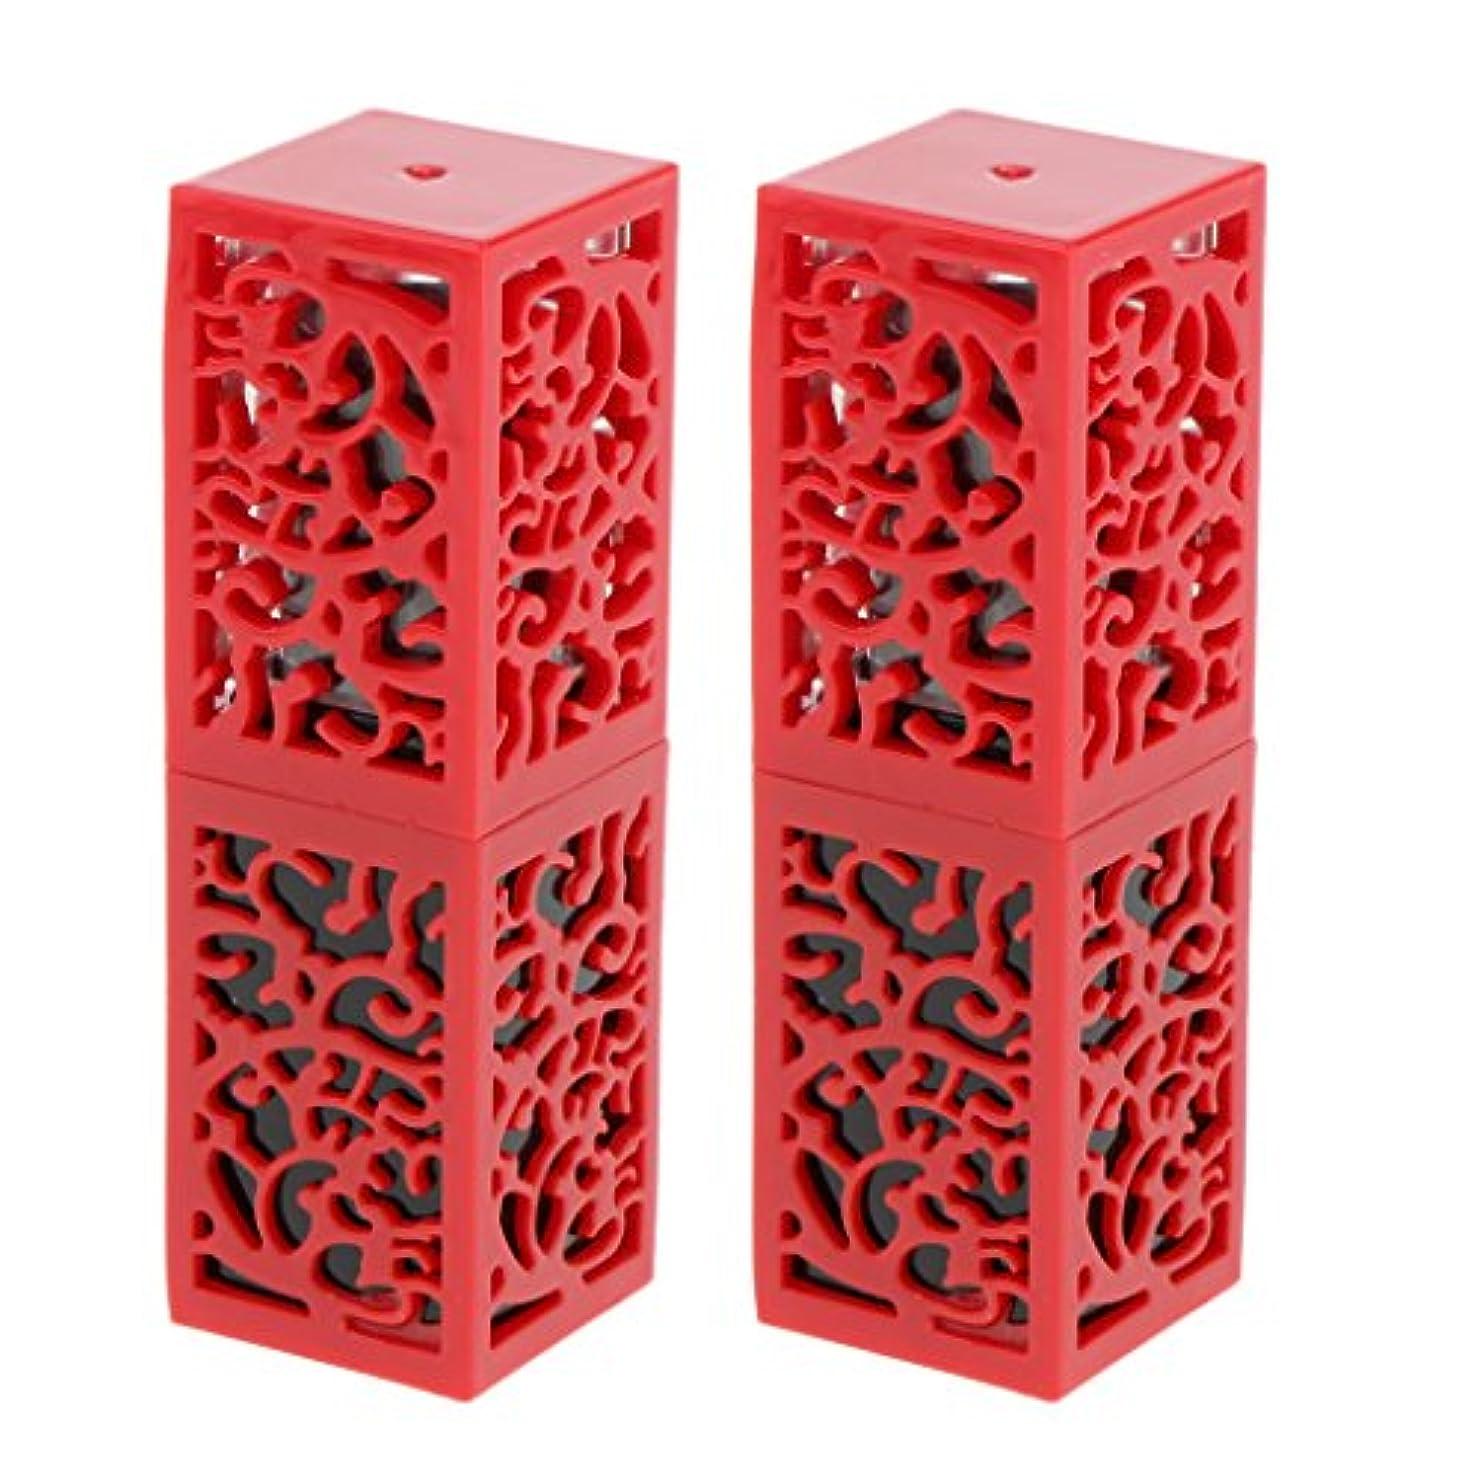 形容詞不条理フローHomyl 2個入 口紅チューブ リップスティックチューブ 内径1.21cm 金型 おしゃれ プレゼント 手作り 全2色 - 赤